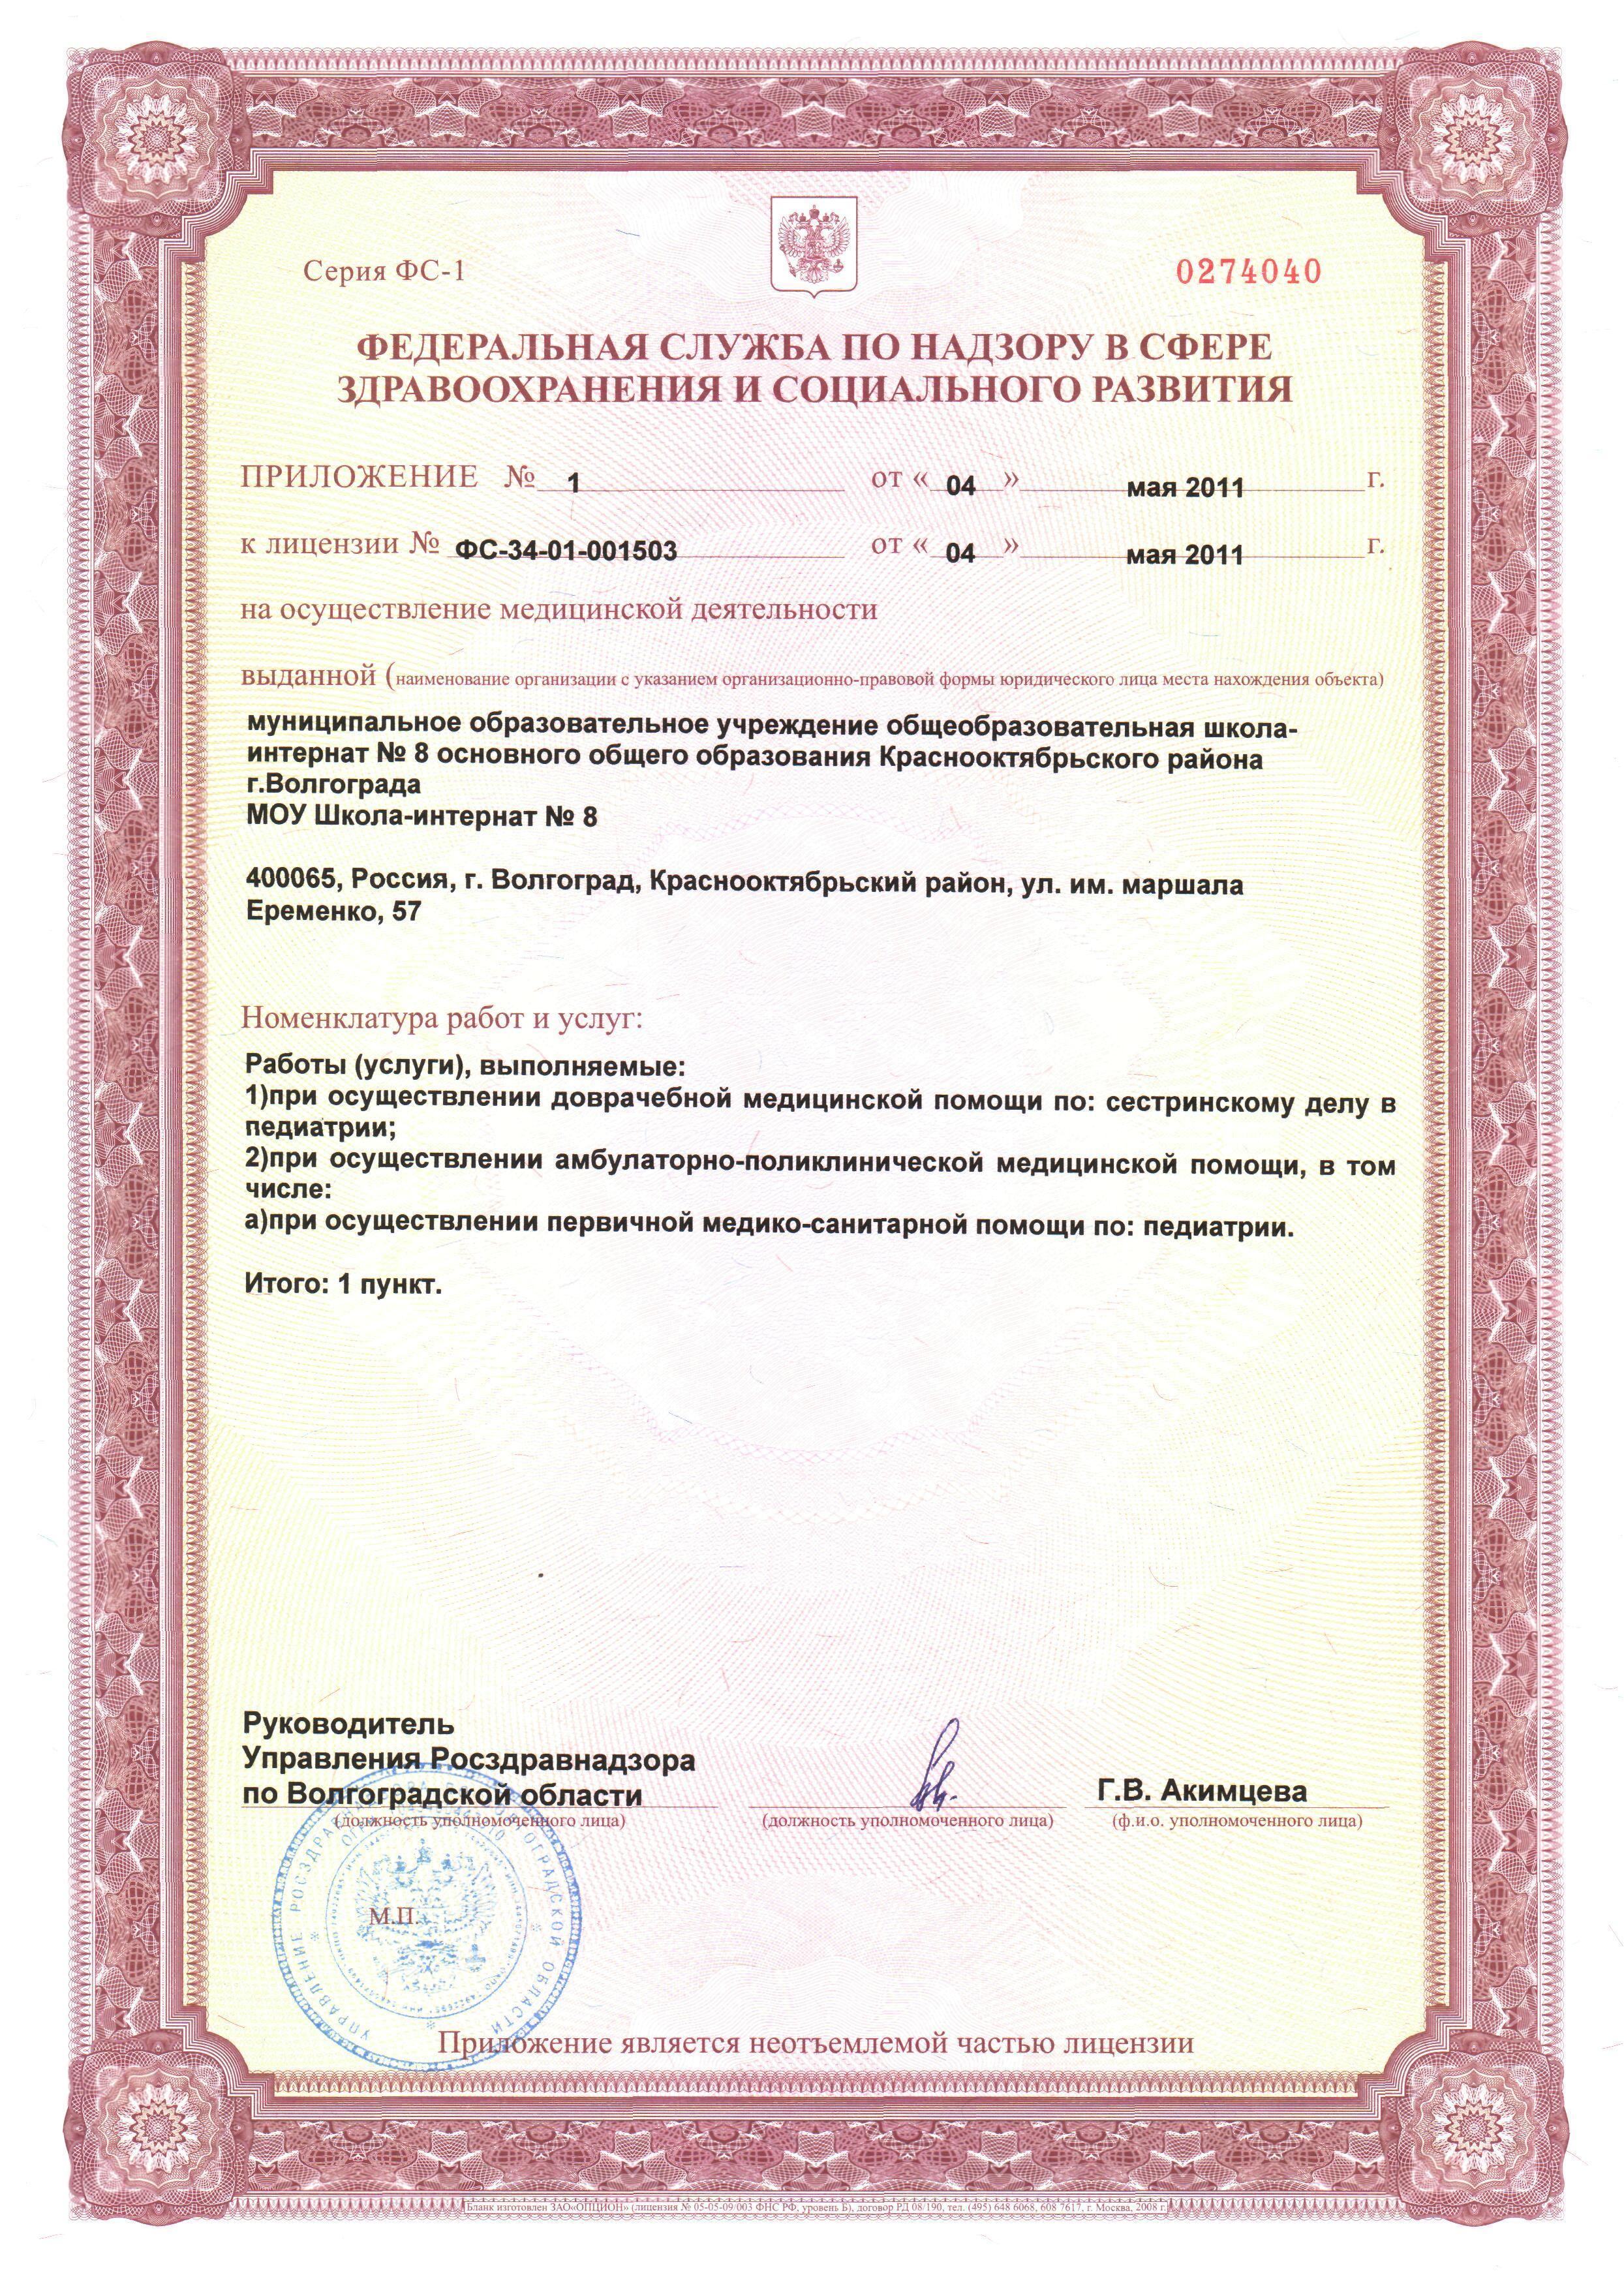 прекращение лицензии на медицинскую деятельность